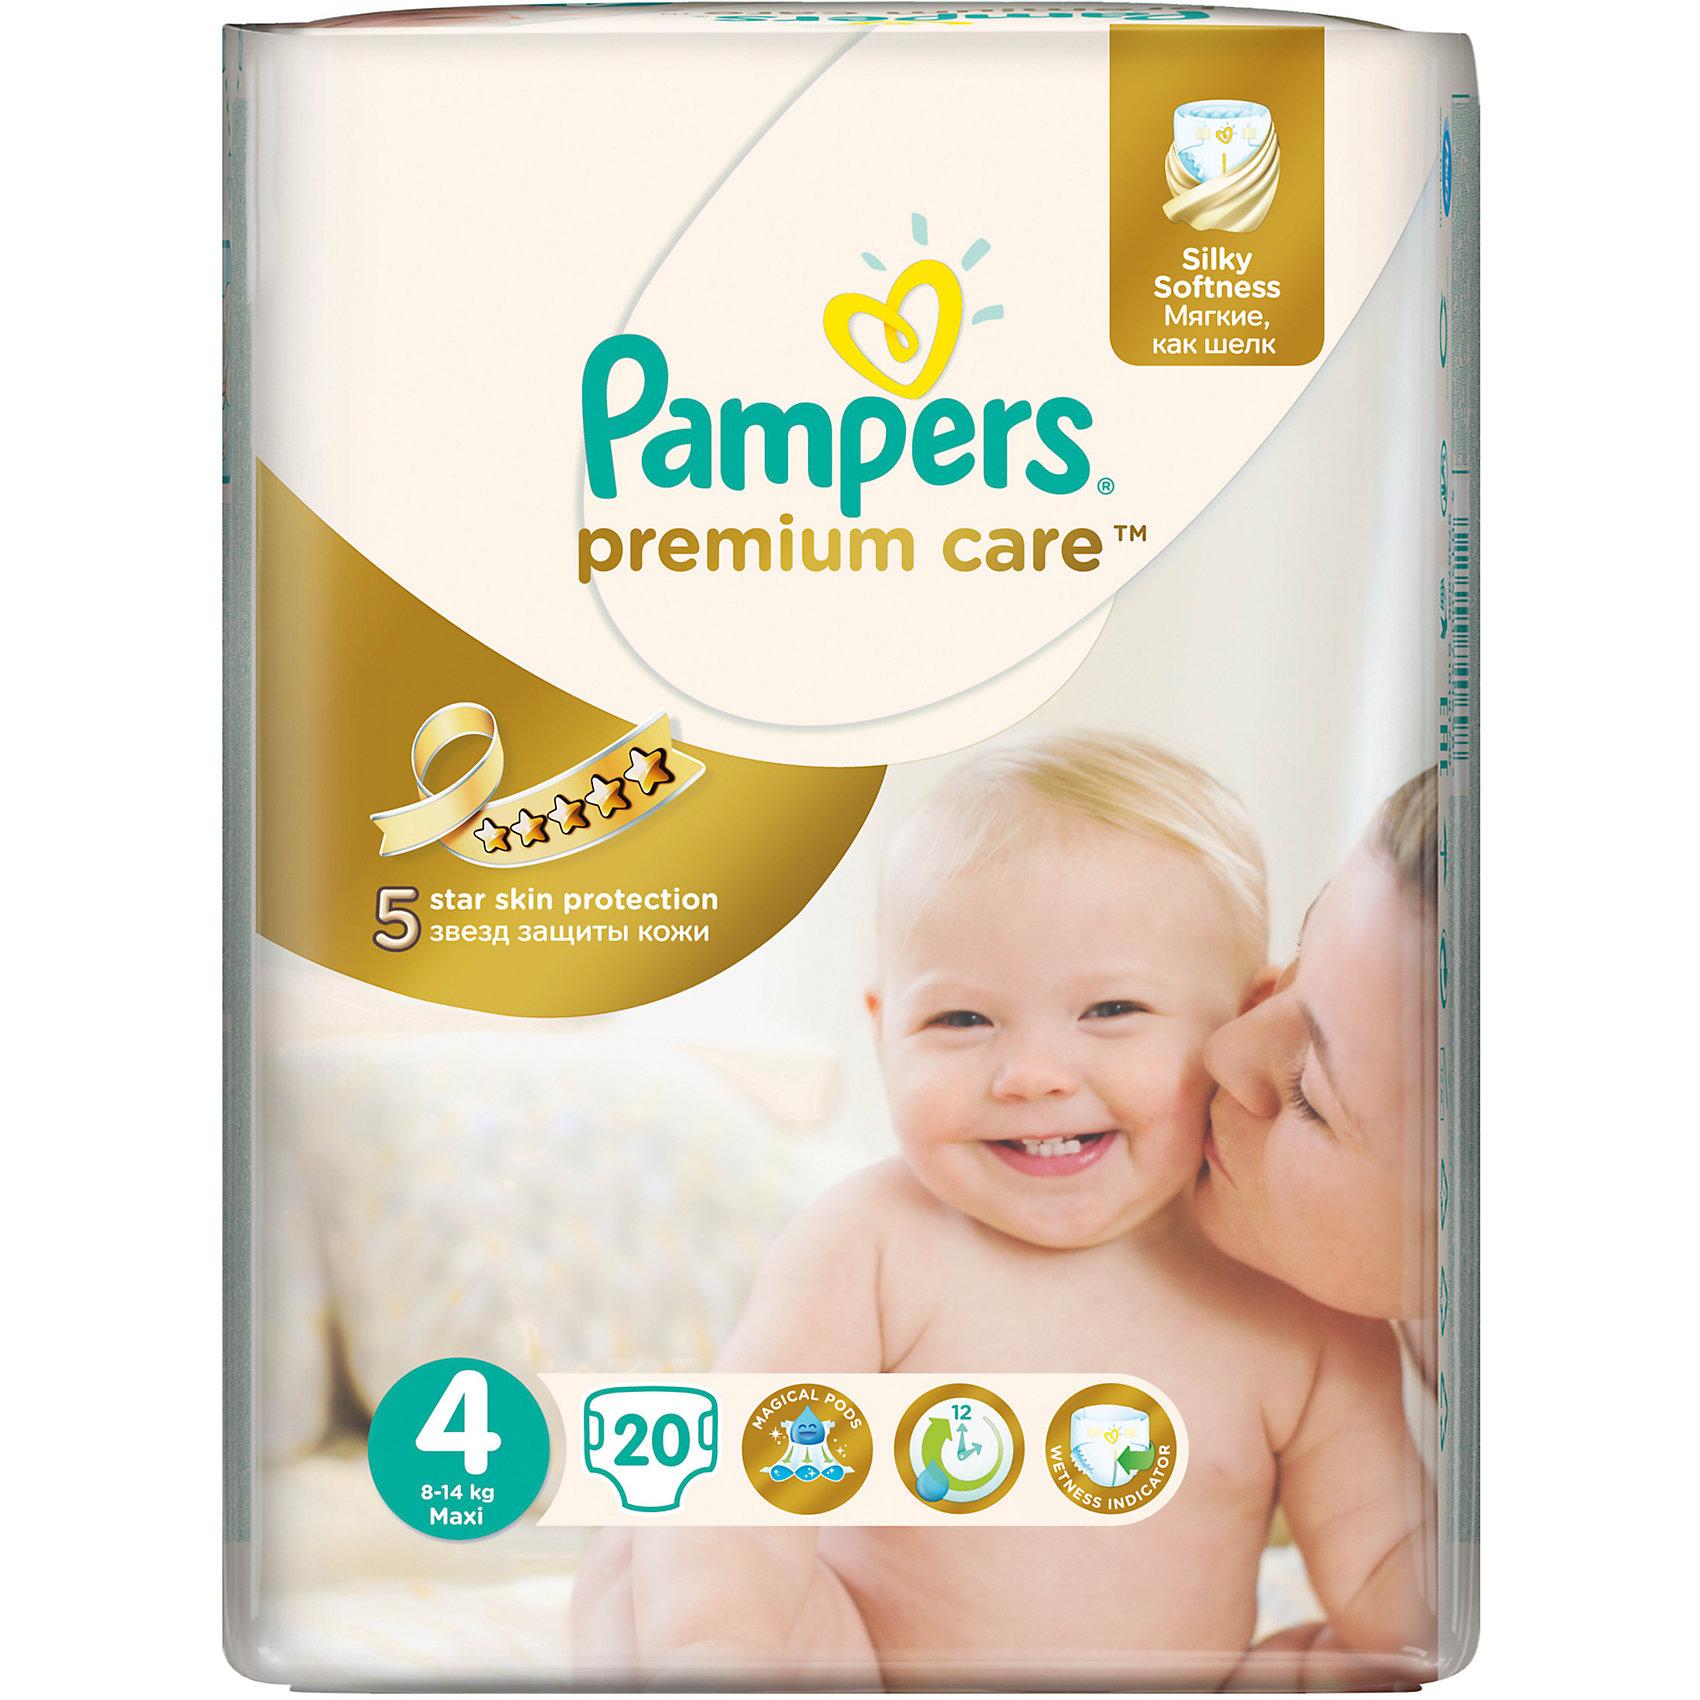 Подгузники Pampers Premium Care 8-14 кг., 20 шт.Подгузники классические<br>Подгузники Pampers Premium Care (Памперс премиум кеа) 8-14 кг., 20 шт.<br><br>Характеристики:<br><br>• мягкие как шелк<br>• впитывающие каналы равномерно распределяют влагу<br>• удерживают влагу до 12 часов<br>• дышащие материалы обеспечивают правильную циркуляцию воздуха<br>• индикатор влаги подскажет, что нужно сменить подгузник<br>• эластичные боковинки защищают от протеканий<br>• состав бальзама: вазелин, стеариловый спирт, экстракт алоэ, жидкий вазелин/вазелиновое масло<br>• размер: 8-14 кг<br>• количество: 20 шт.<br>• размер упаковки: 21,8х11,5х17,8 см<br>• вес: 595 грамм<br><br>Подгузники Pampers Premium Care подарят вашему малышу сухость и комфорт на всю ночь! Подгузники имеют три впитывающих канала, которые позволяют равномерно распределить влагу без образования комков. Специальный впитывающий слой быстро абсорбирует и удерживает влагу до 12 часов, позволяя избежать соприкосновения с кожей. Эластичные боковинки подгузников помогут предотвратить натирание на коже. Внешний слой позволяет коже ребёнка дышать всю ночь, обеспечивая правильную микроциркуляцию кожи. Подгузники имеют индикатор влаги, который напомнит вам о необходимости смены подгузника. Pampers Premium Care мягкие словно шёлк. В них кроха всегда будет готов к новым открытиям!<br><br>Подгузники Pampers Premium Care (Памперс премиум кеа) 8-14 кг., 20 шт. можно купить в нашем интернет-магазине.<br><br>Ширина мм: 178<br>Глубина мм: 115<br>Высота мм: 218<br>Вес г: 595<br>Возраст от месяцев: 6<br>Возраст до месяцев: 36<br>Пол: Унисекс<br>Возраст: Детский<br>SKU: 5423657